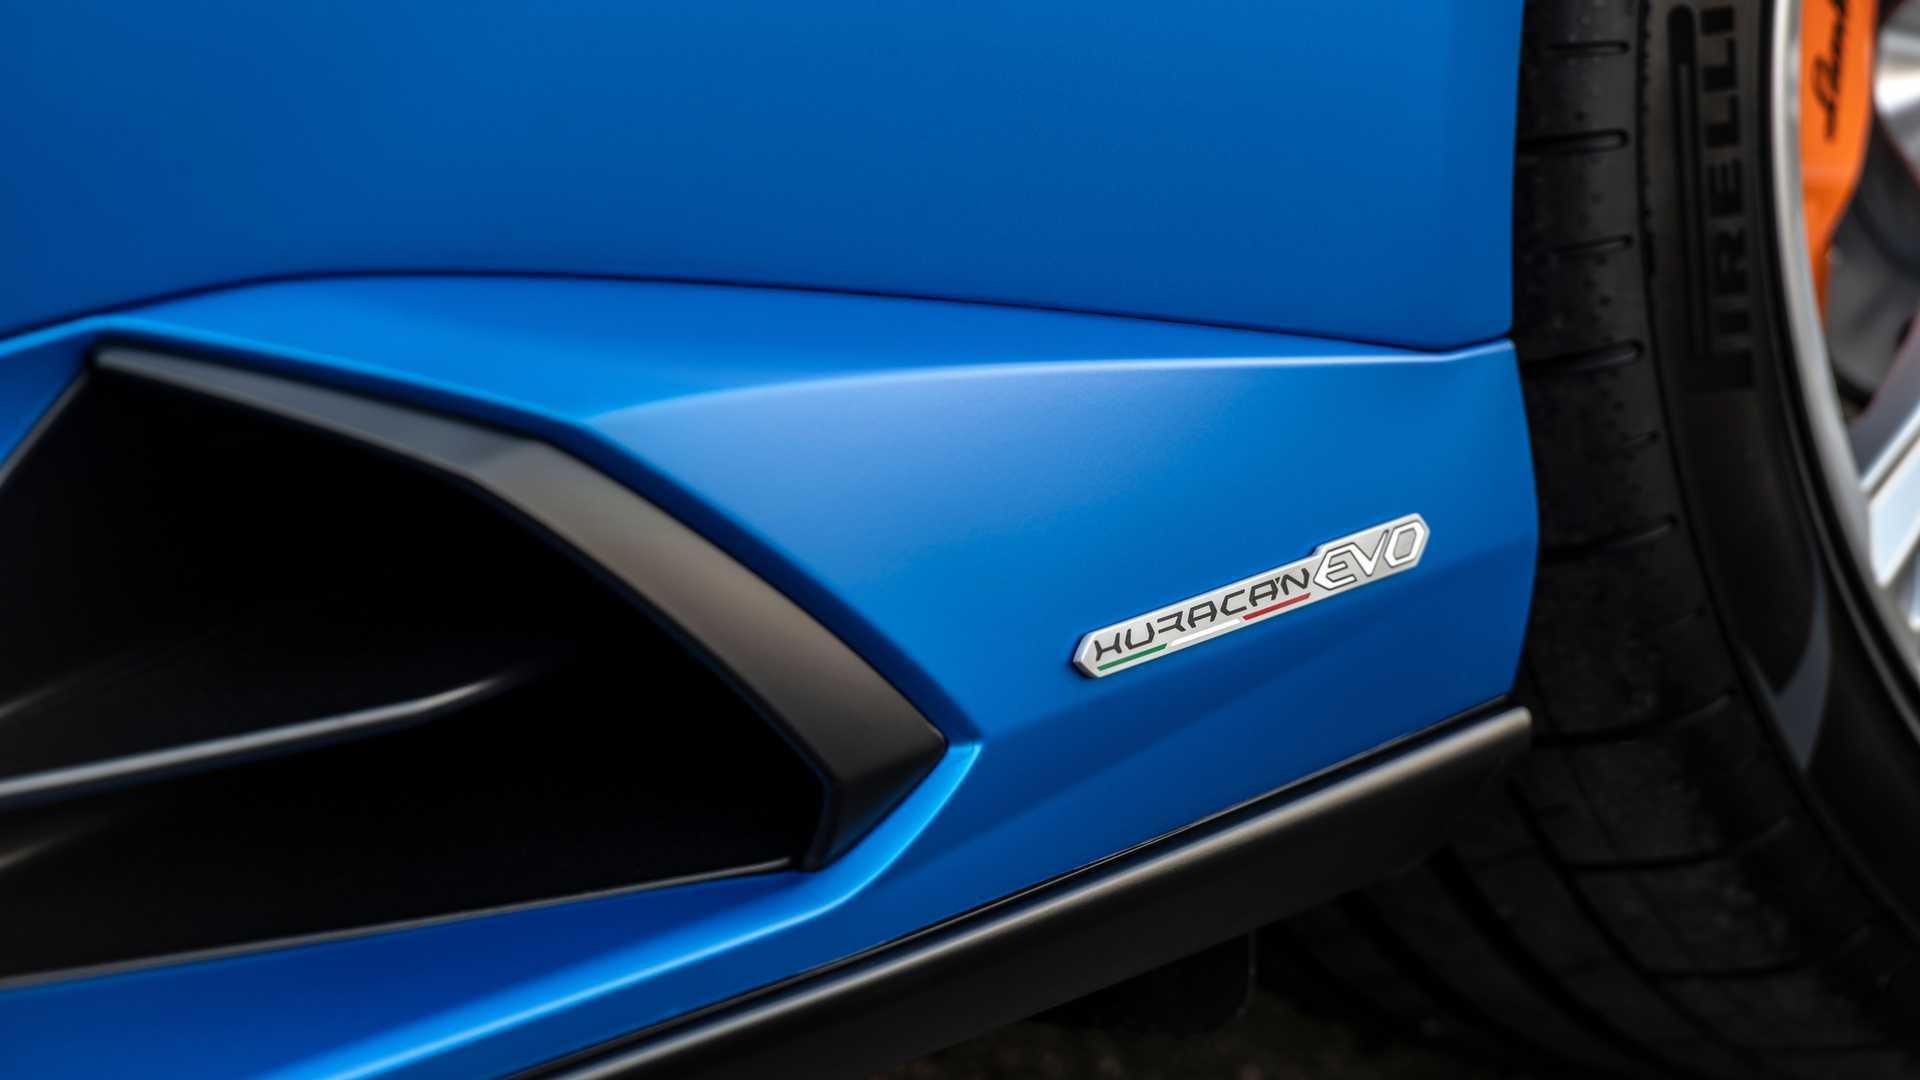 2020 Lamborghini Huracan Evo RWD badge